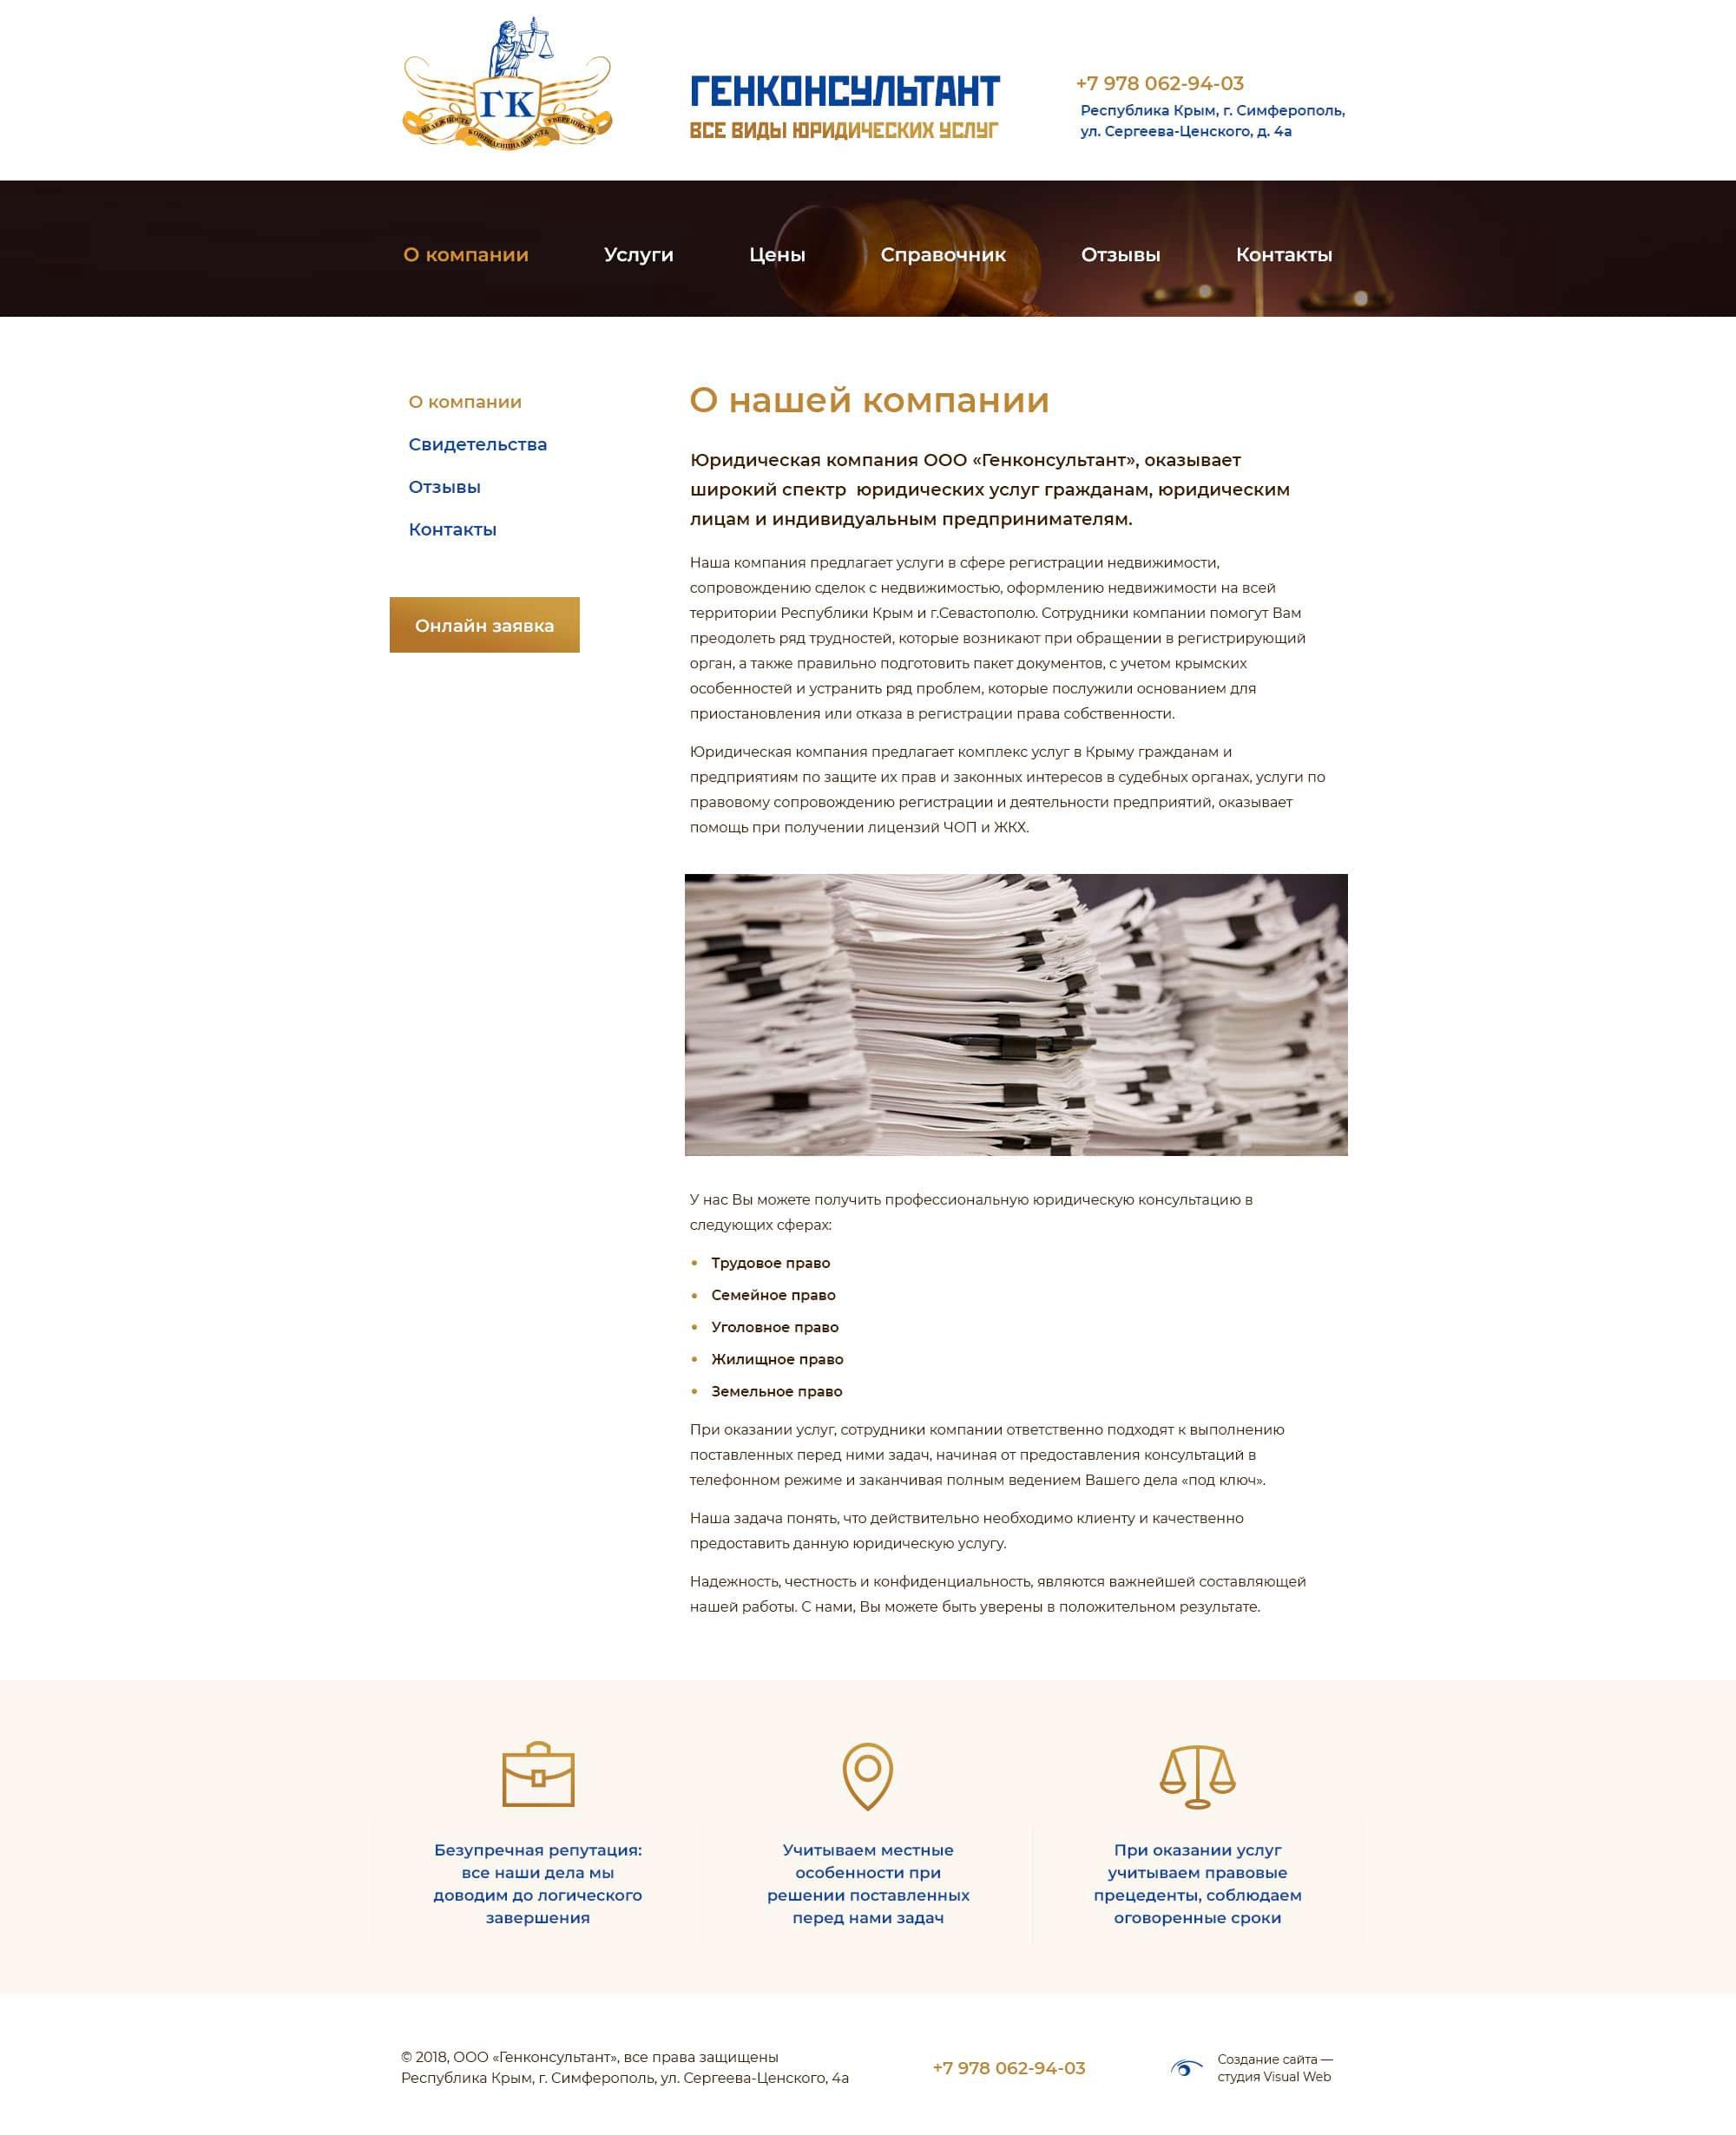 Создание сайта Генконсультант